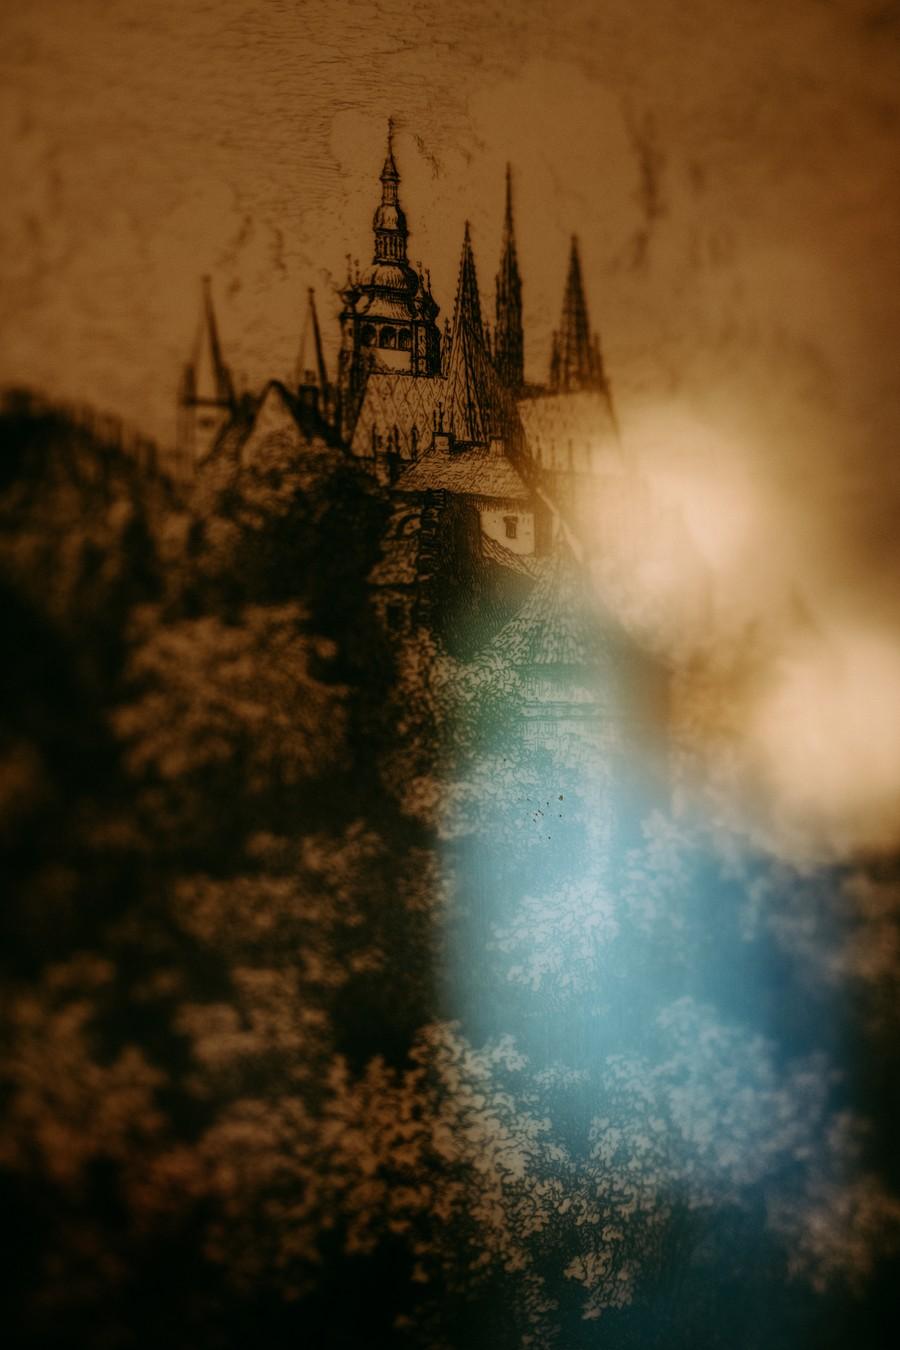 château Prague gravures reflets lumière bleu défi coronavirus confinement covid-19